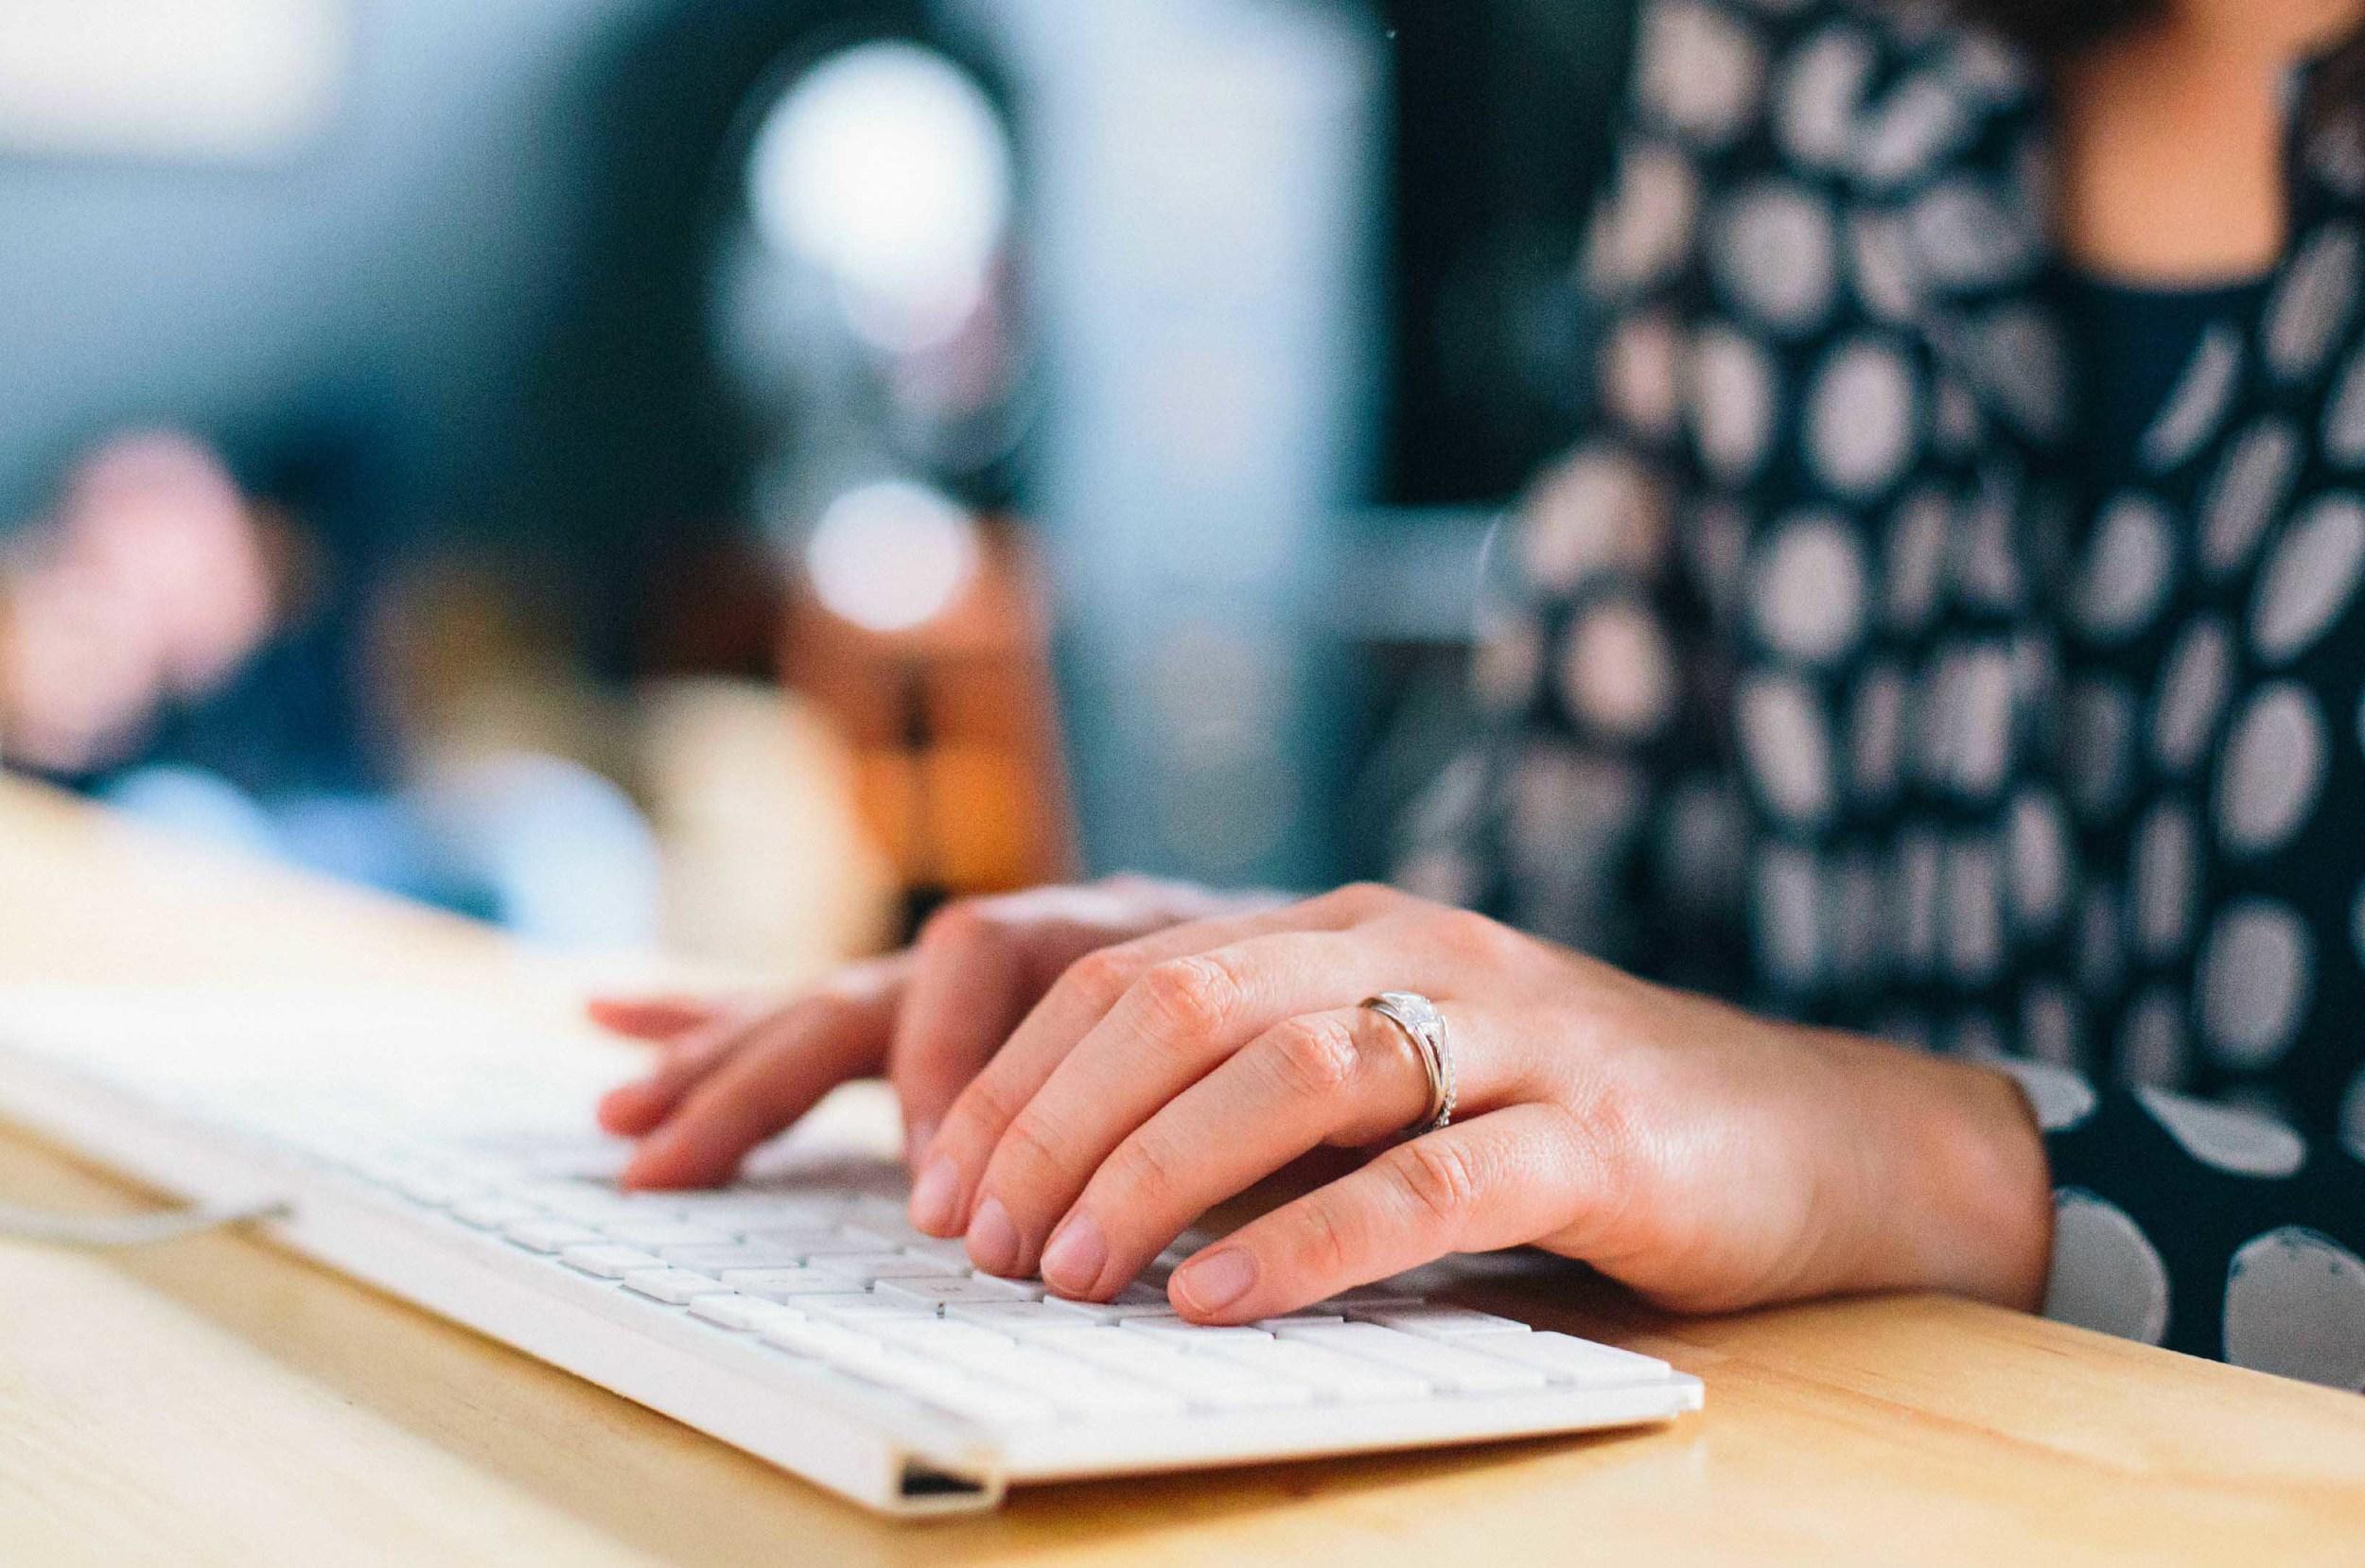 working_typing_girl_web.jpg